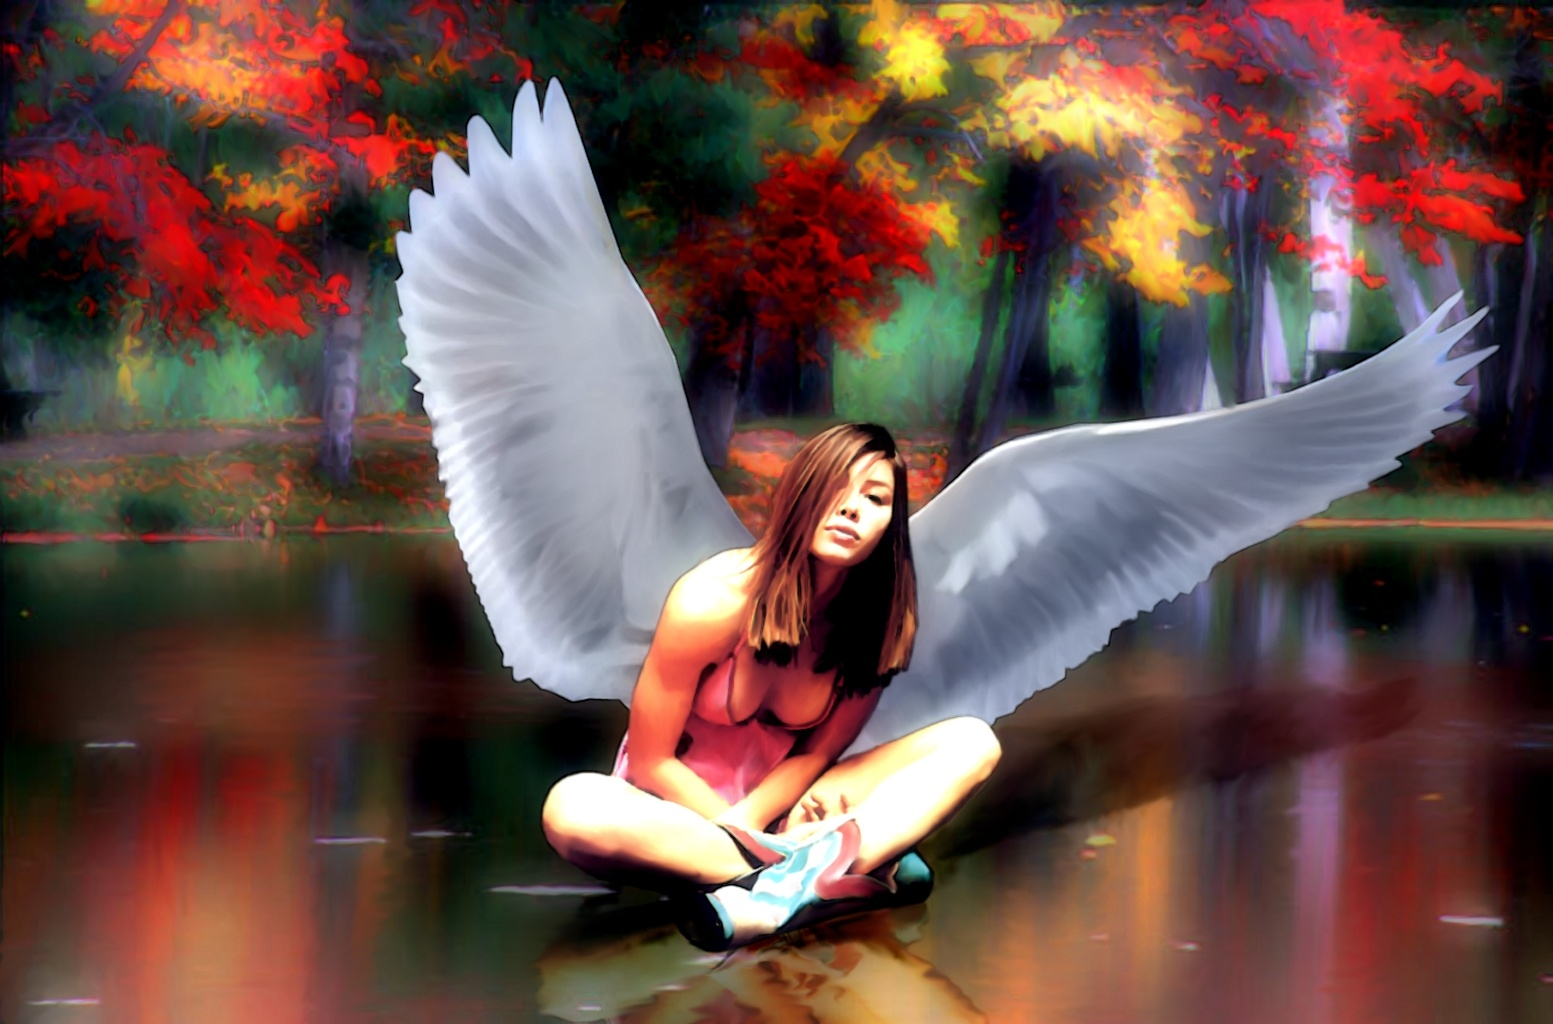 http://3.bp.blogspot.com/--MWfp_w5KvA/TacJ863V0wI/AAAAAAAAAQc/DjwPiLVqzus/s1600/love-wallpaper-37.JPG